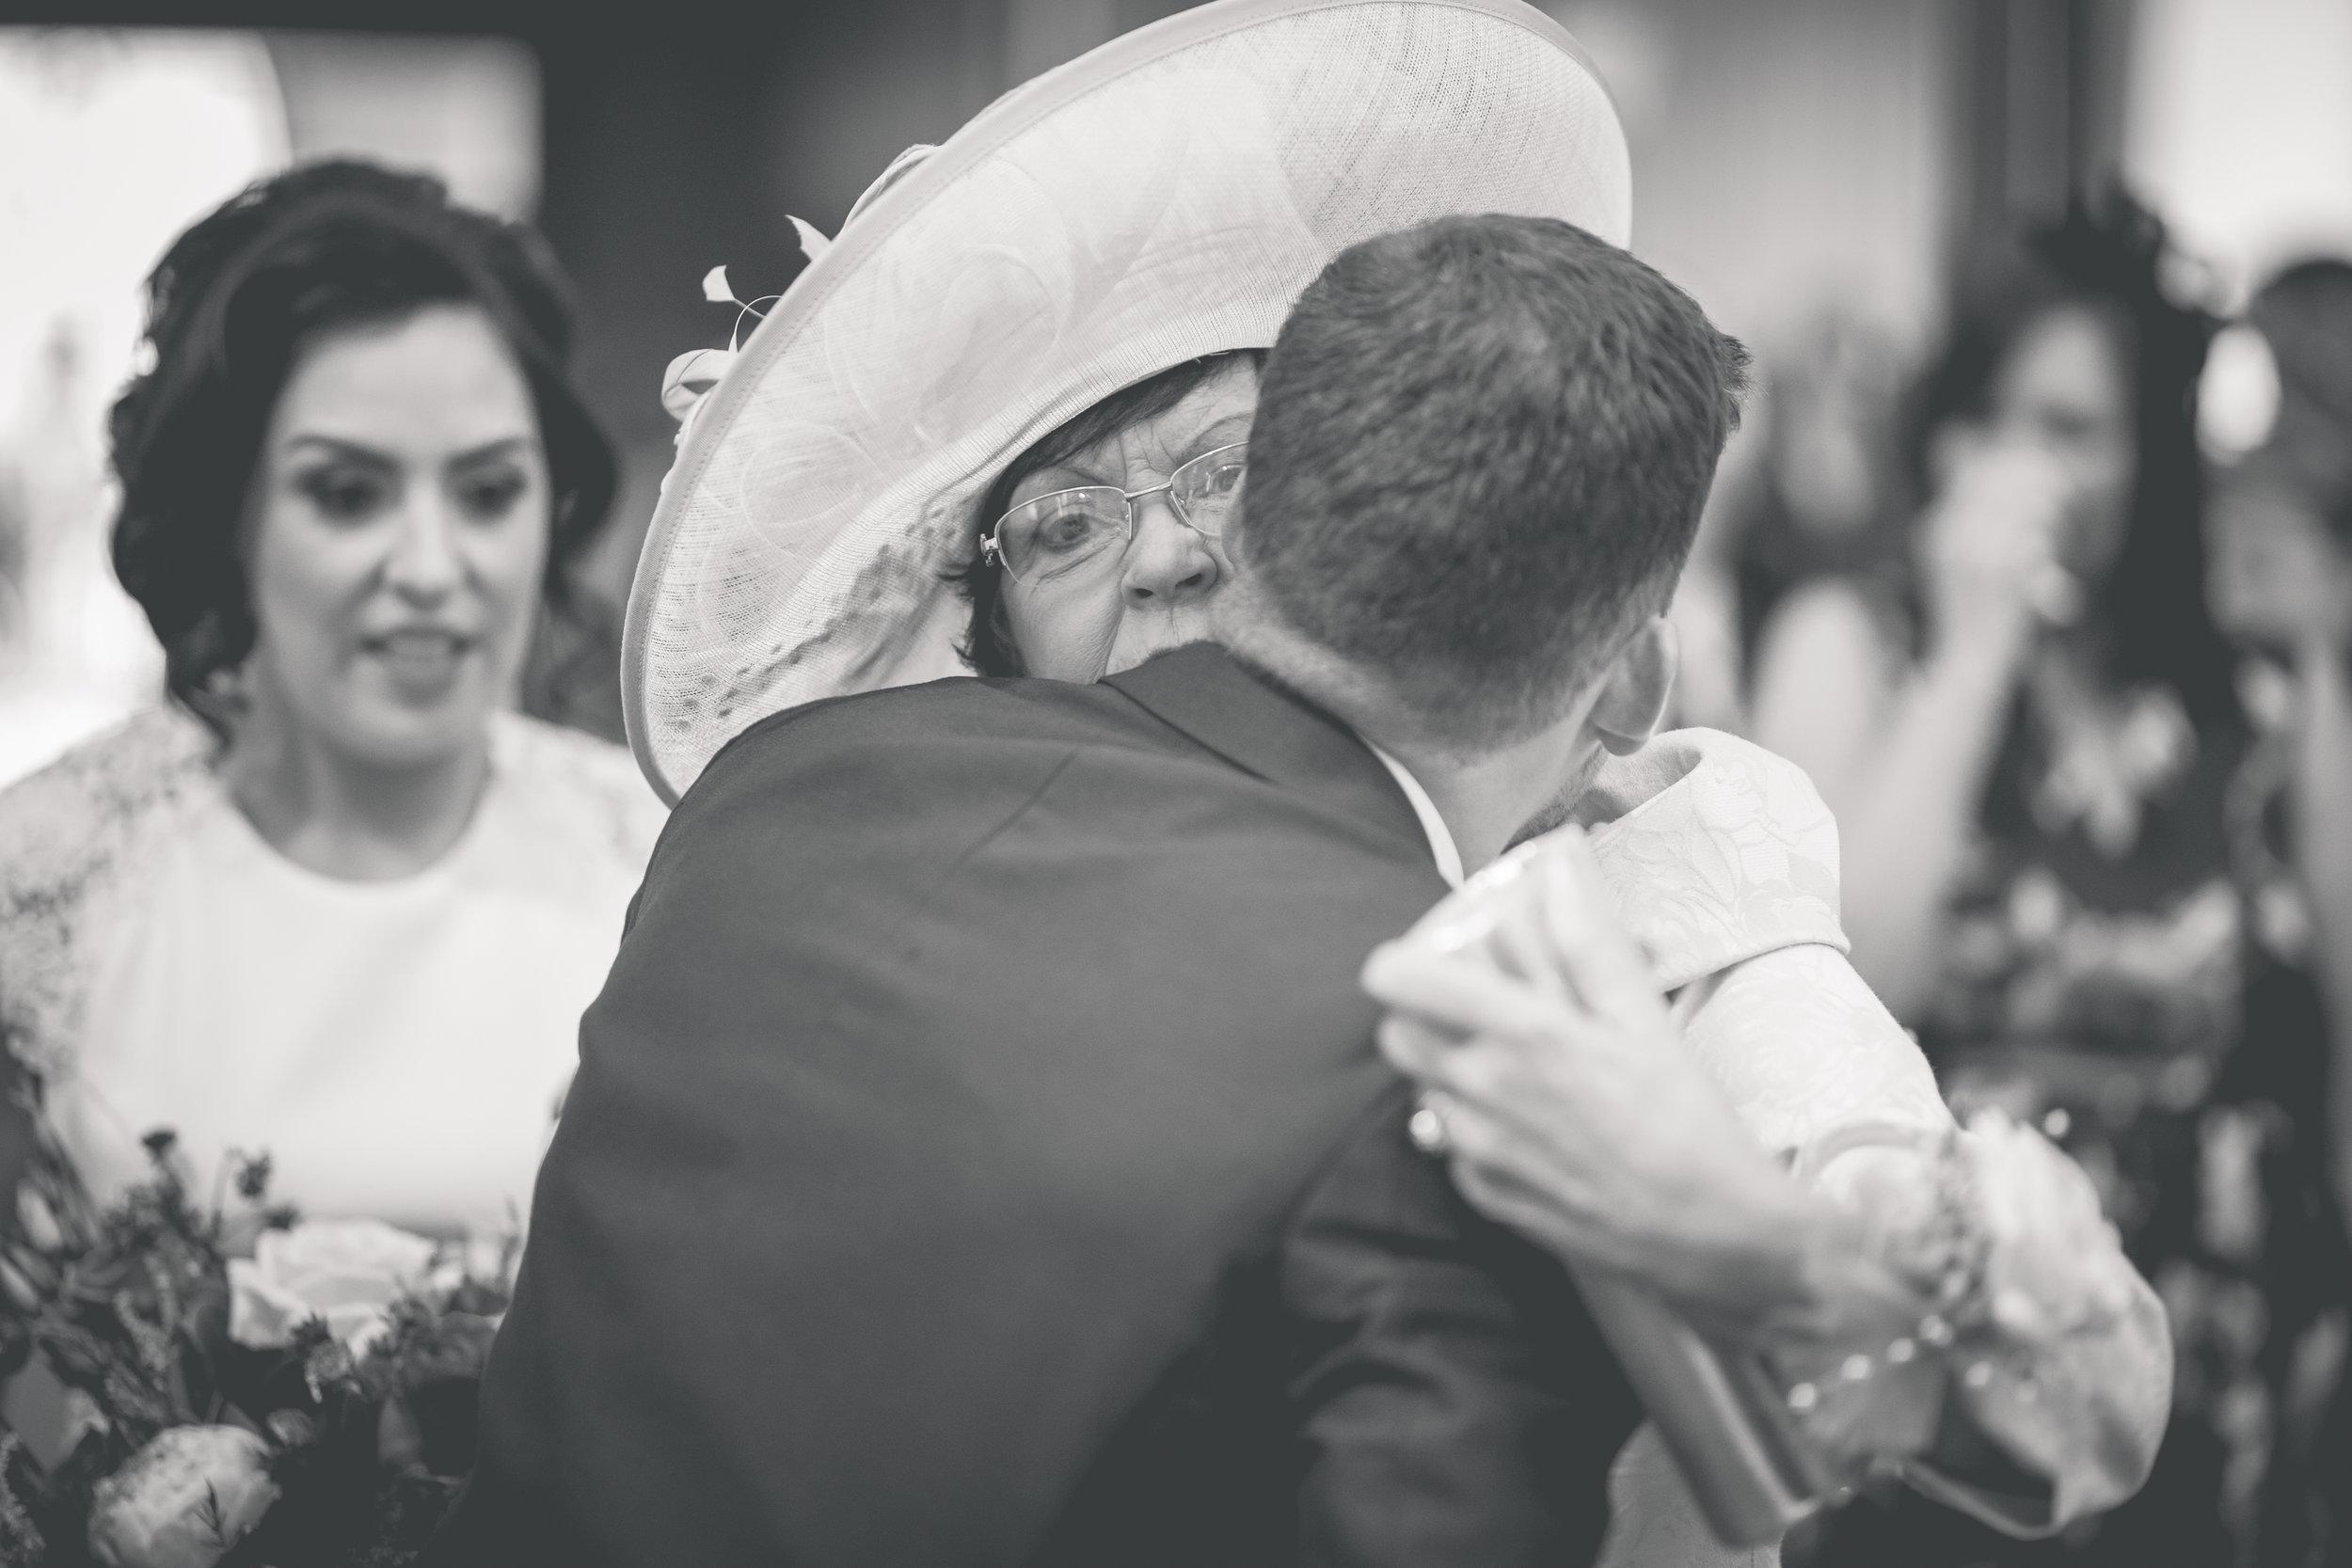 Brian McEwan Wedding Photography   Carol-Anne & Sean   The Ceremony-25.jpg